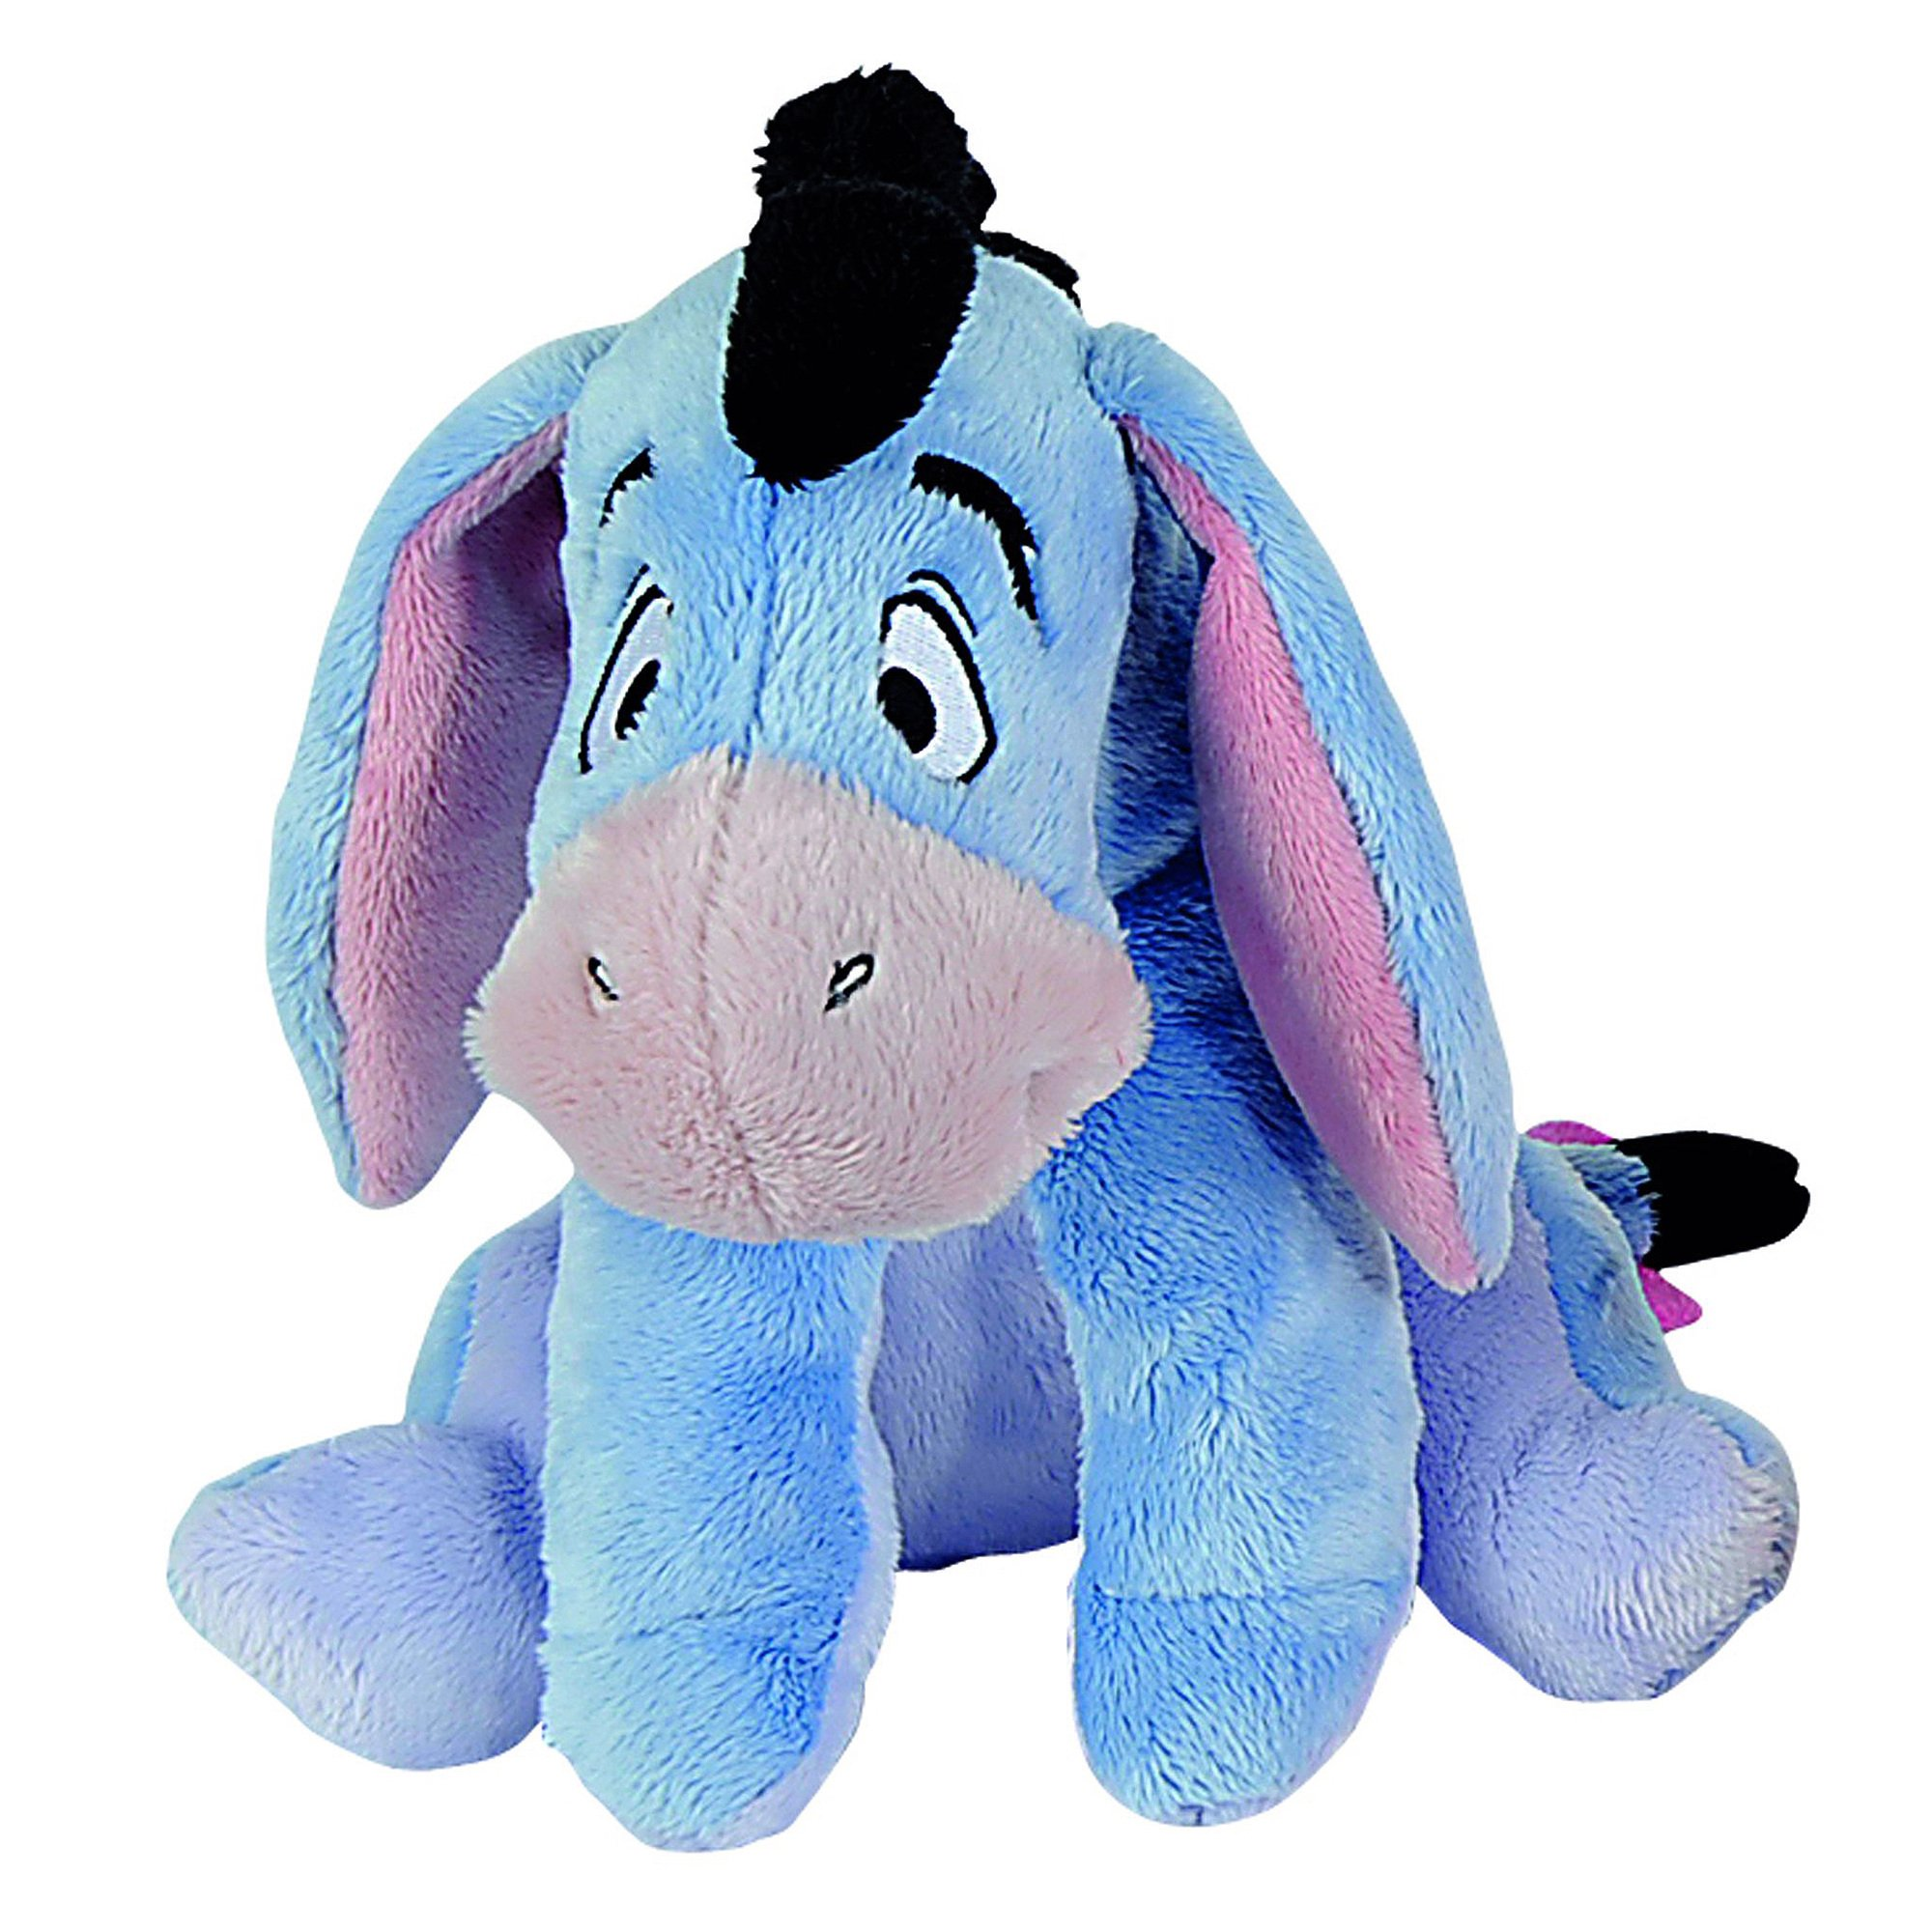 Купить Мягкая игрушка - Ушастик, 20 см., Nicotoy